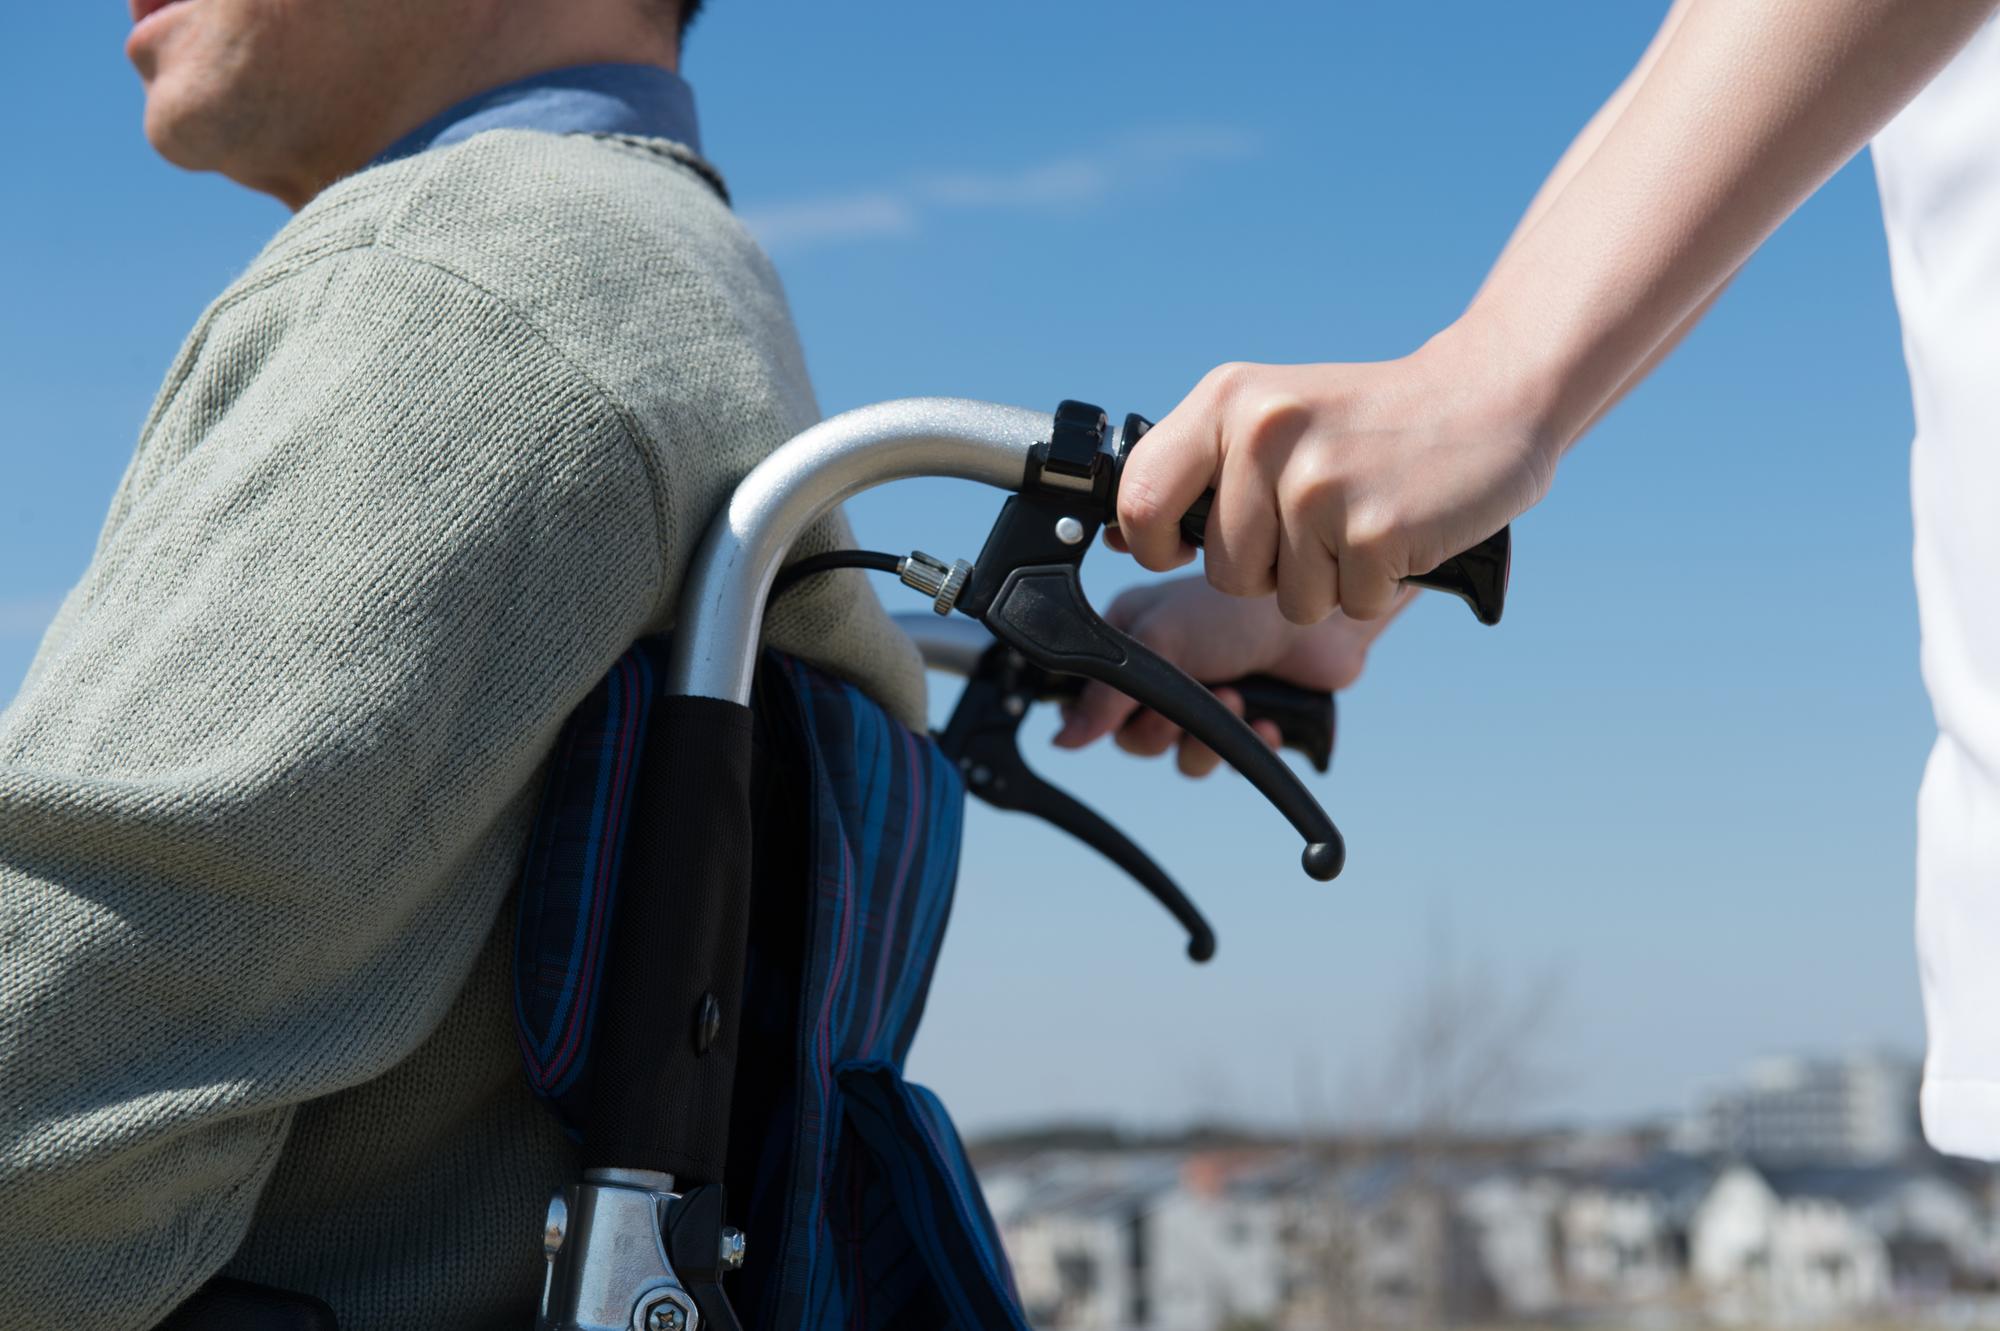 シニアの車椅子を押すヘルパー